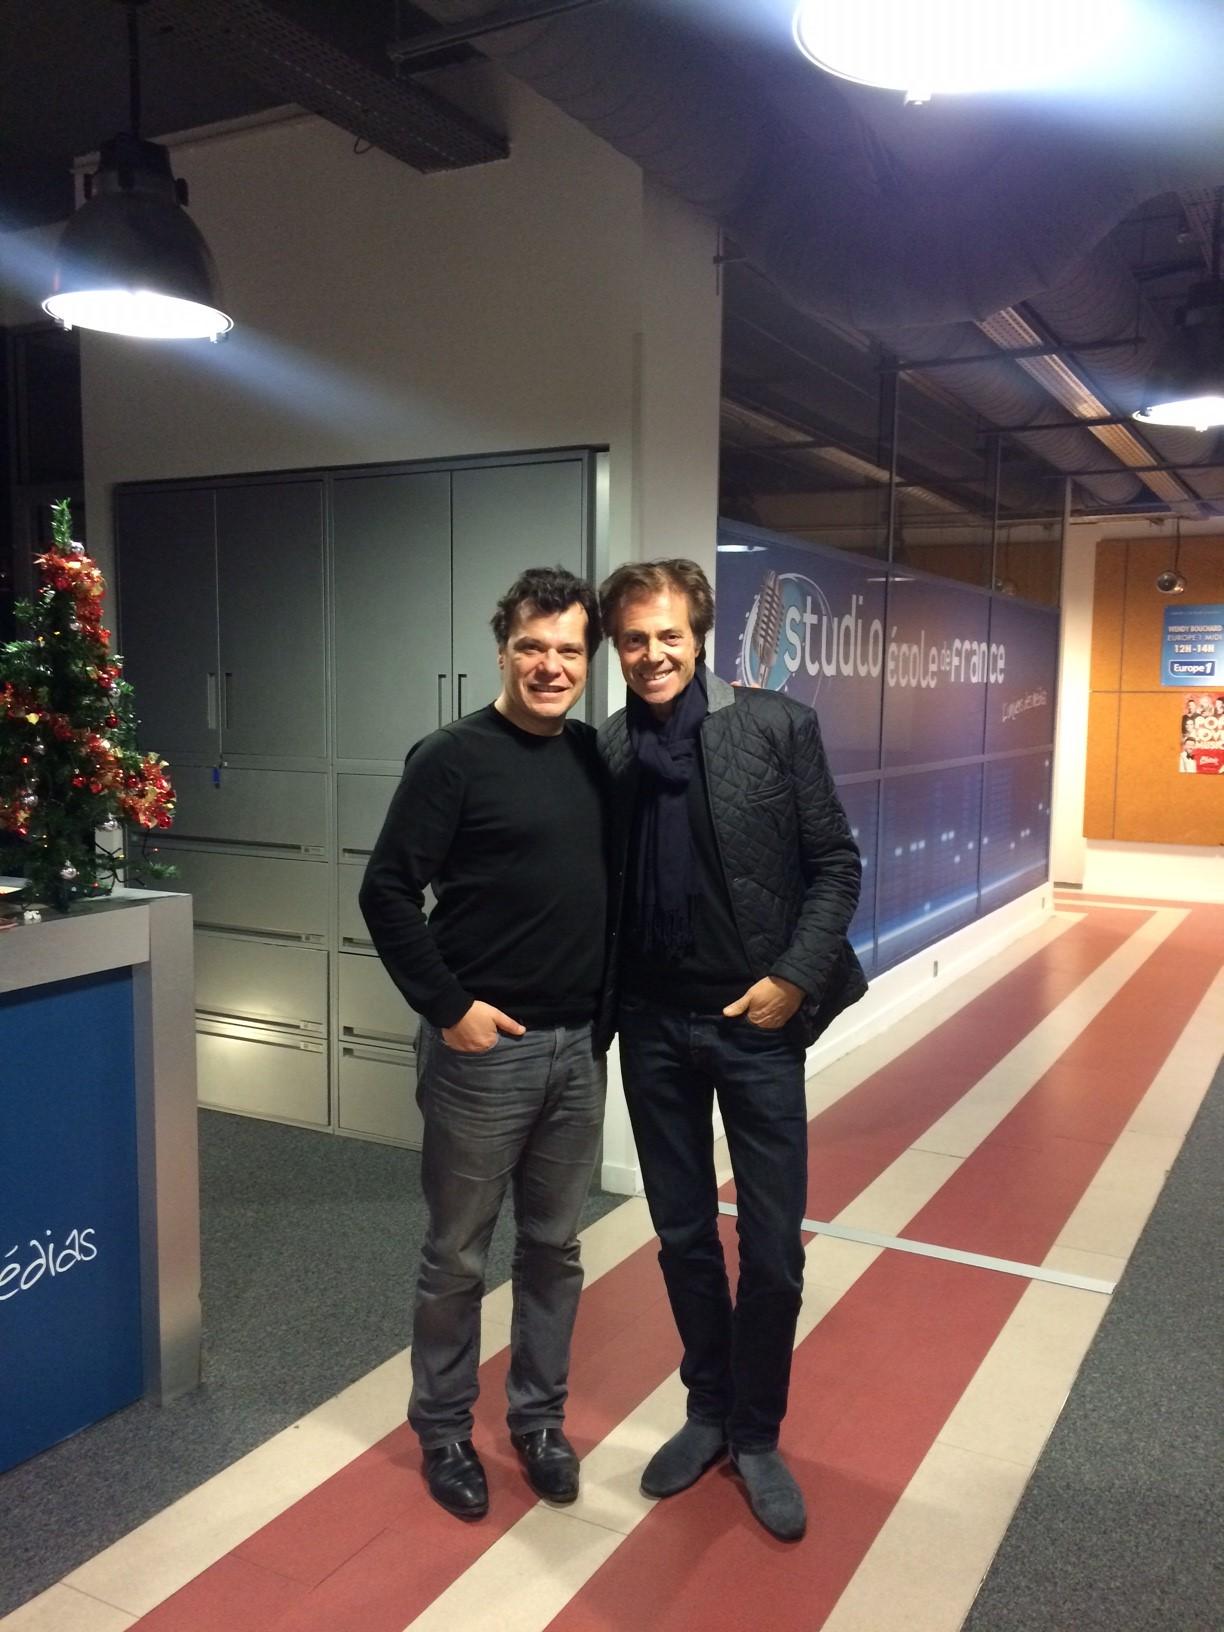 Un rêve de fan: Frédéric Marc a pu refaire la radio pendant une heure avec Marc Scalia himself. A écouter ce soir sur radiofugue.com